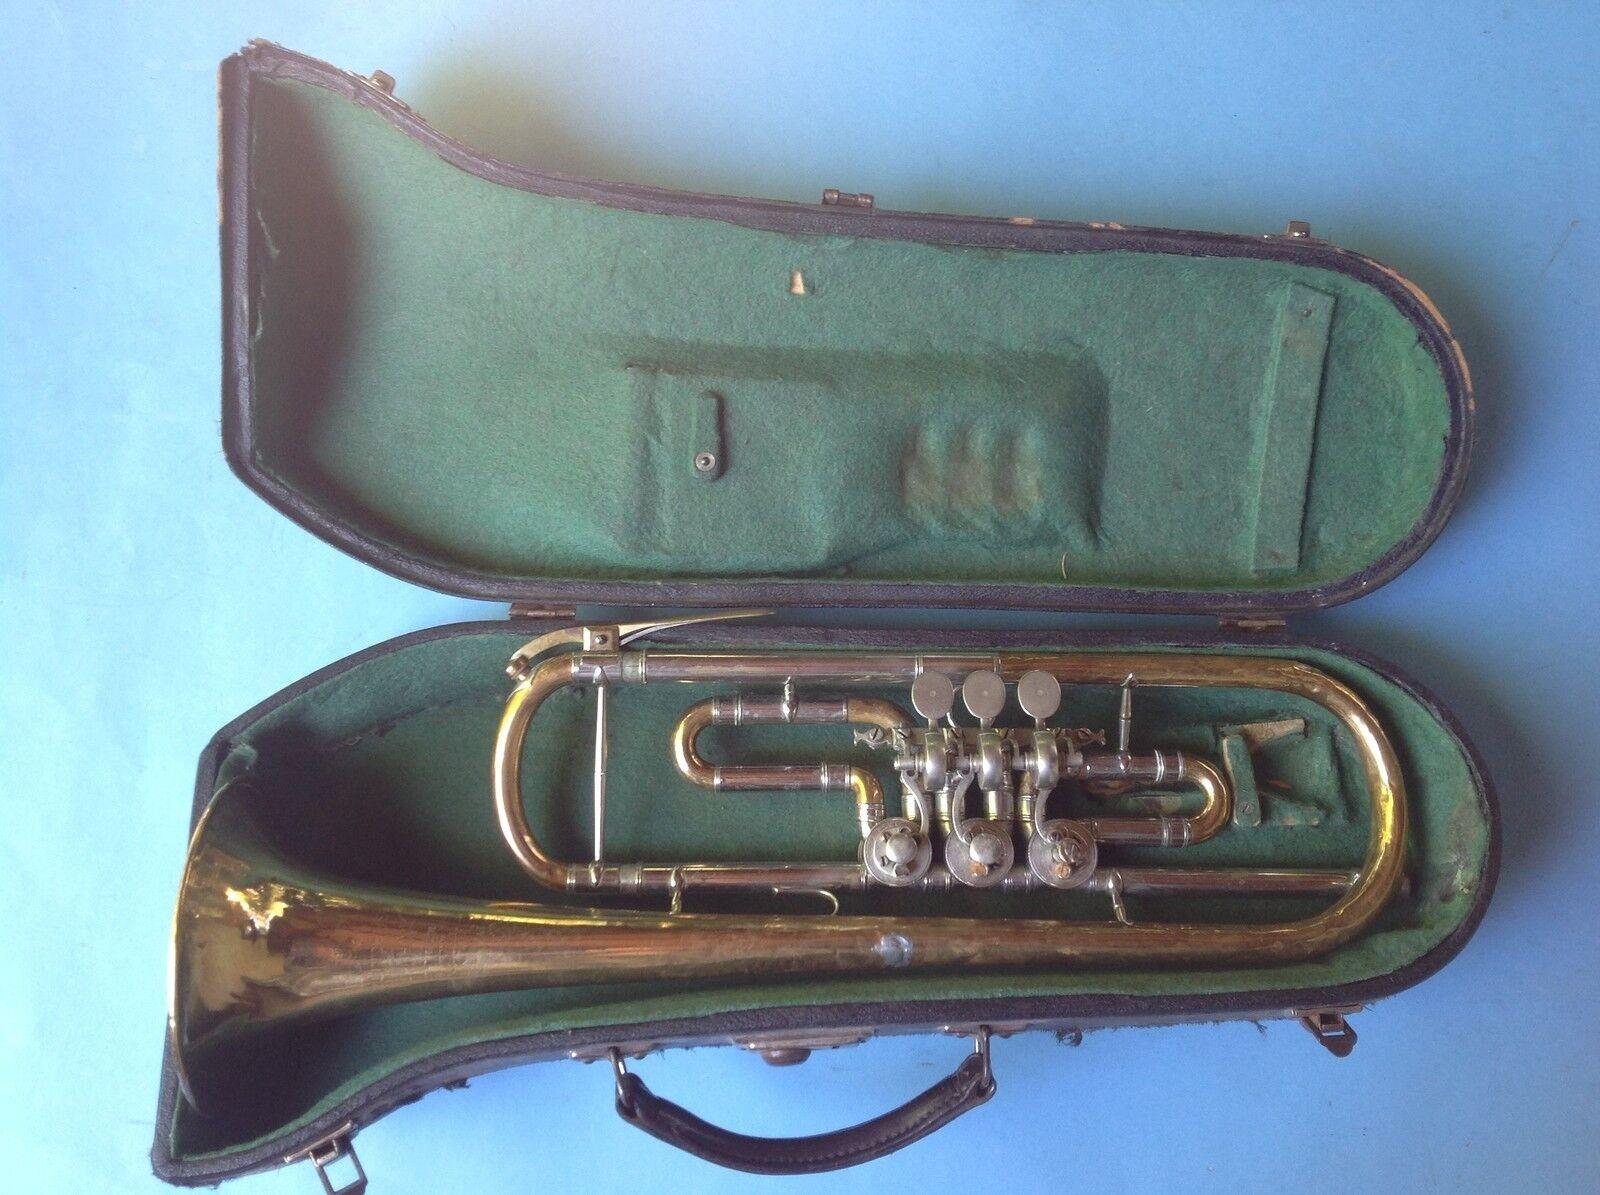 Goldene Trompete Trompete Trompete Teleskop D.R.P. № 320723 A.K.H. Hüttl Graslitz Kraslice 1925 401206